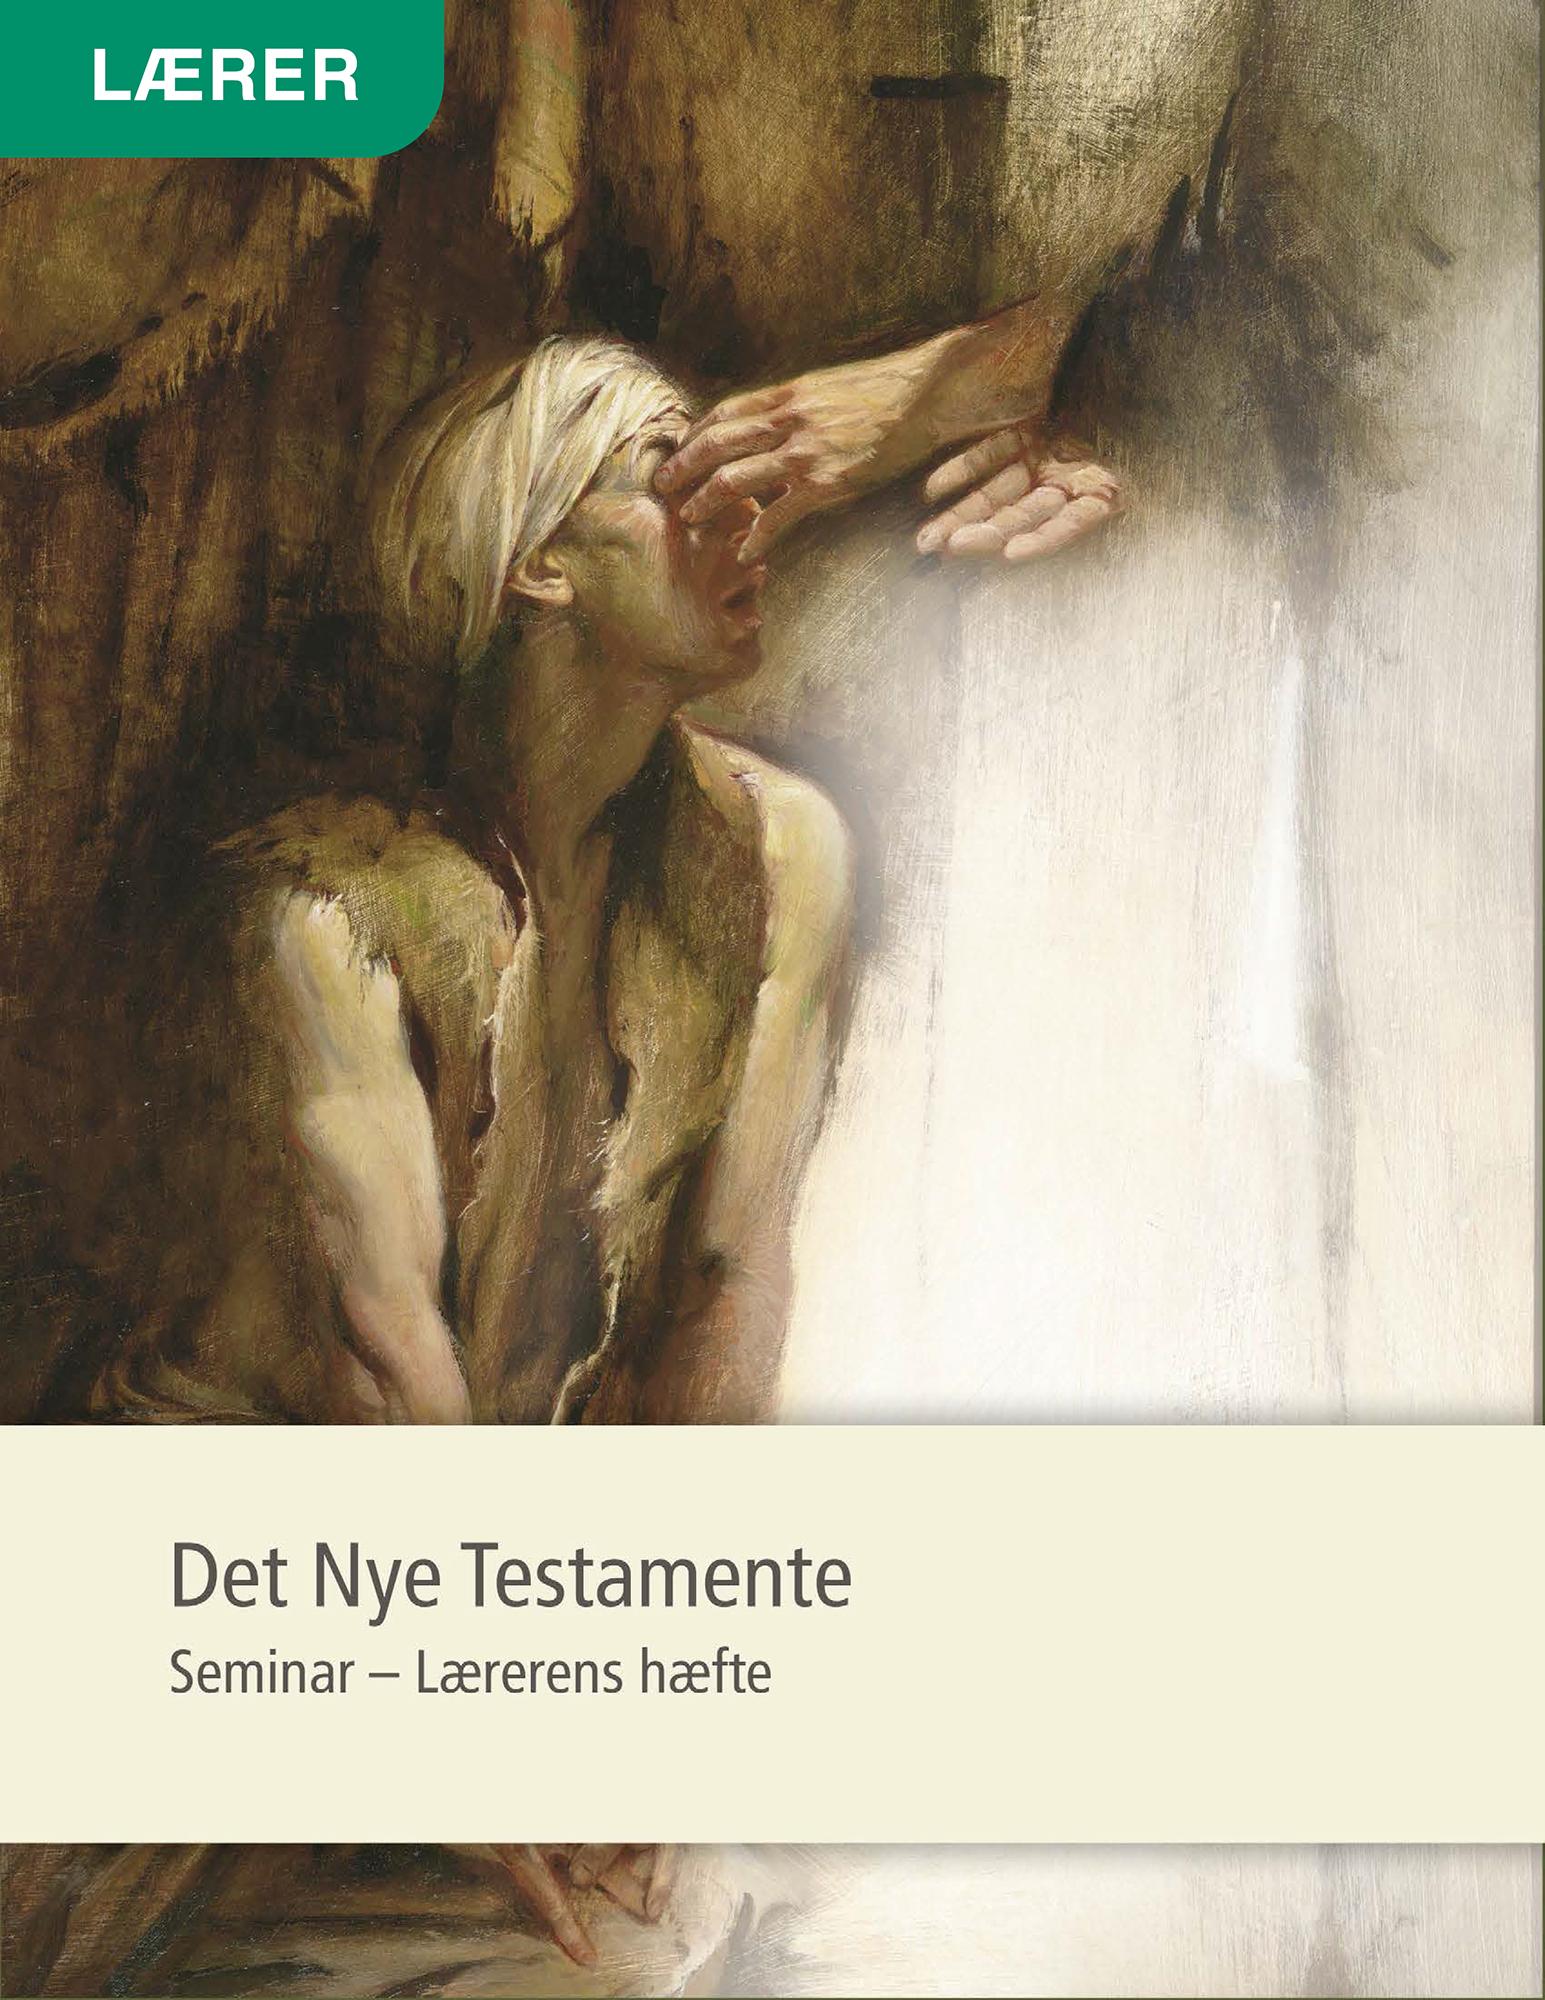 Det Nye Testamente – Seminar – Lærerens hæfte